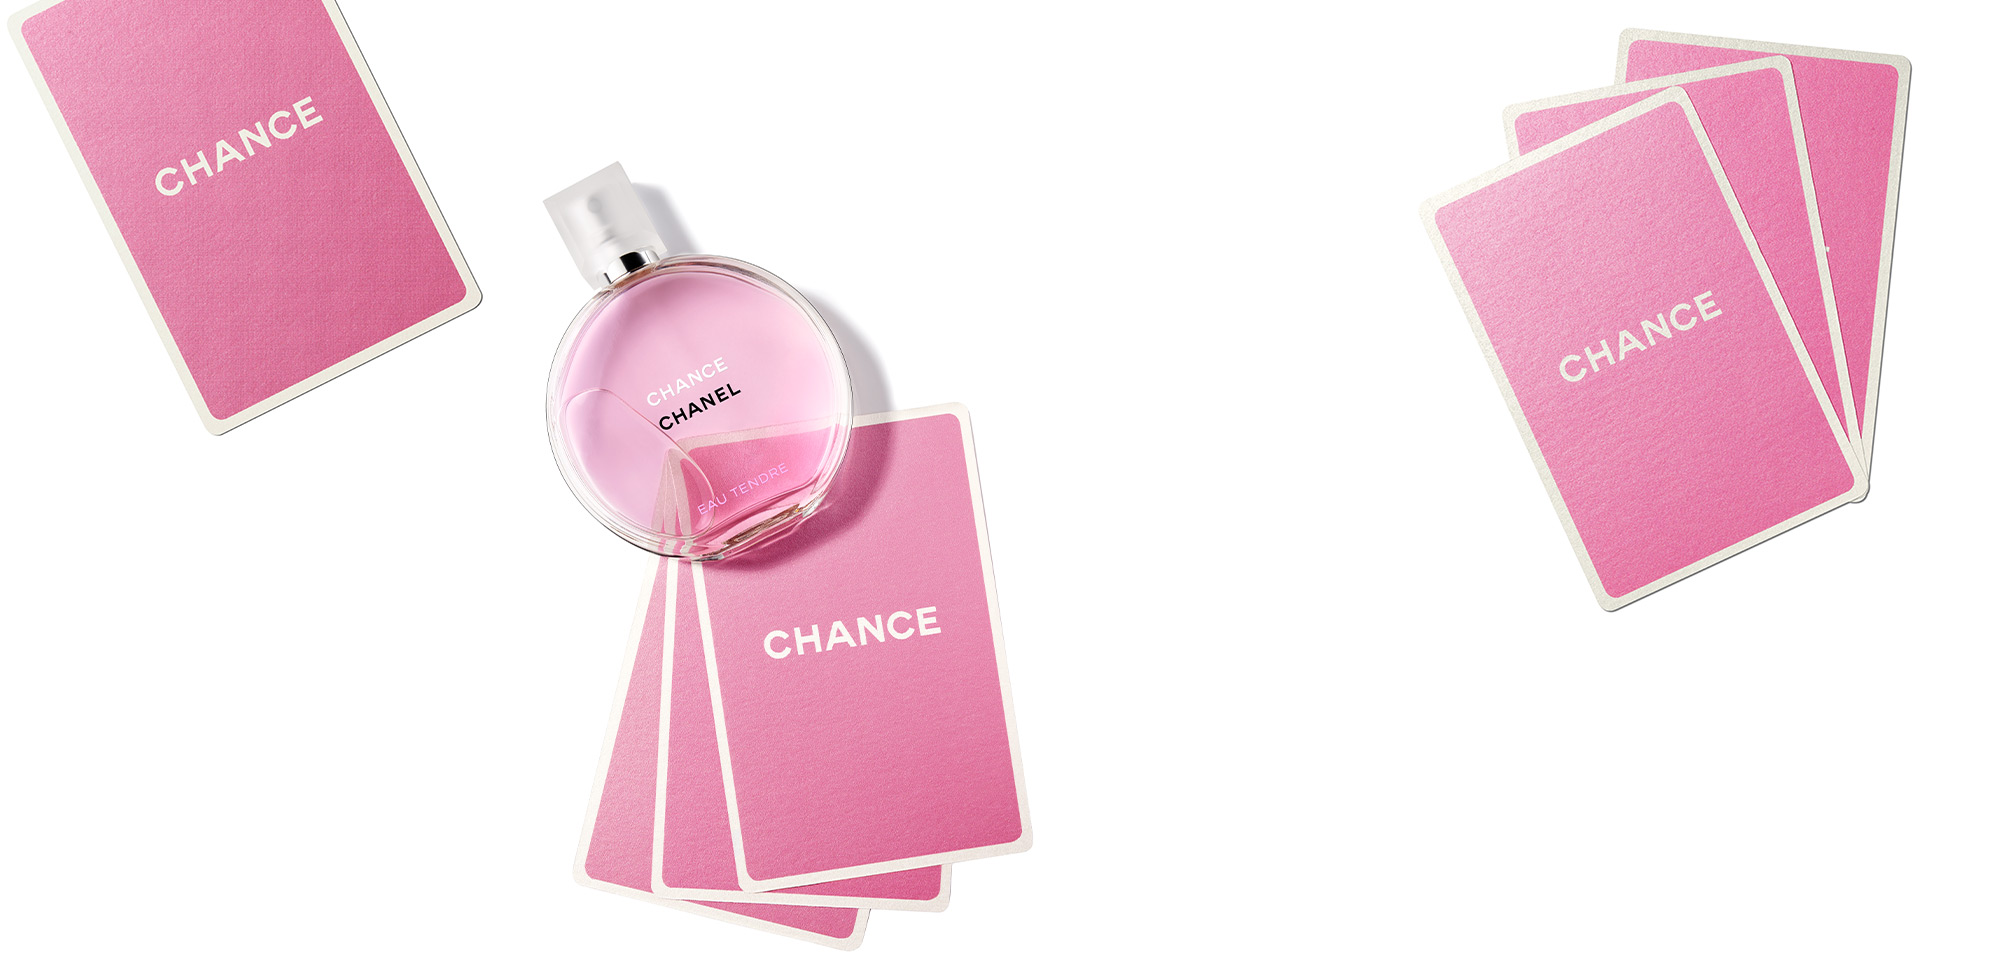 CHANELの香水「チャンス オー タンドゥル オードゥ トワレット」のサンプルが先着30000名に無料配布中。